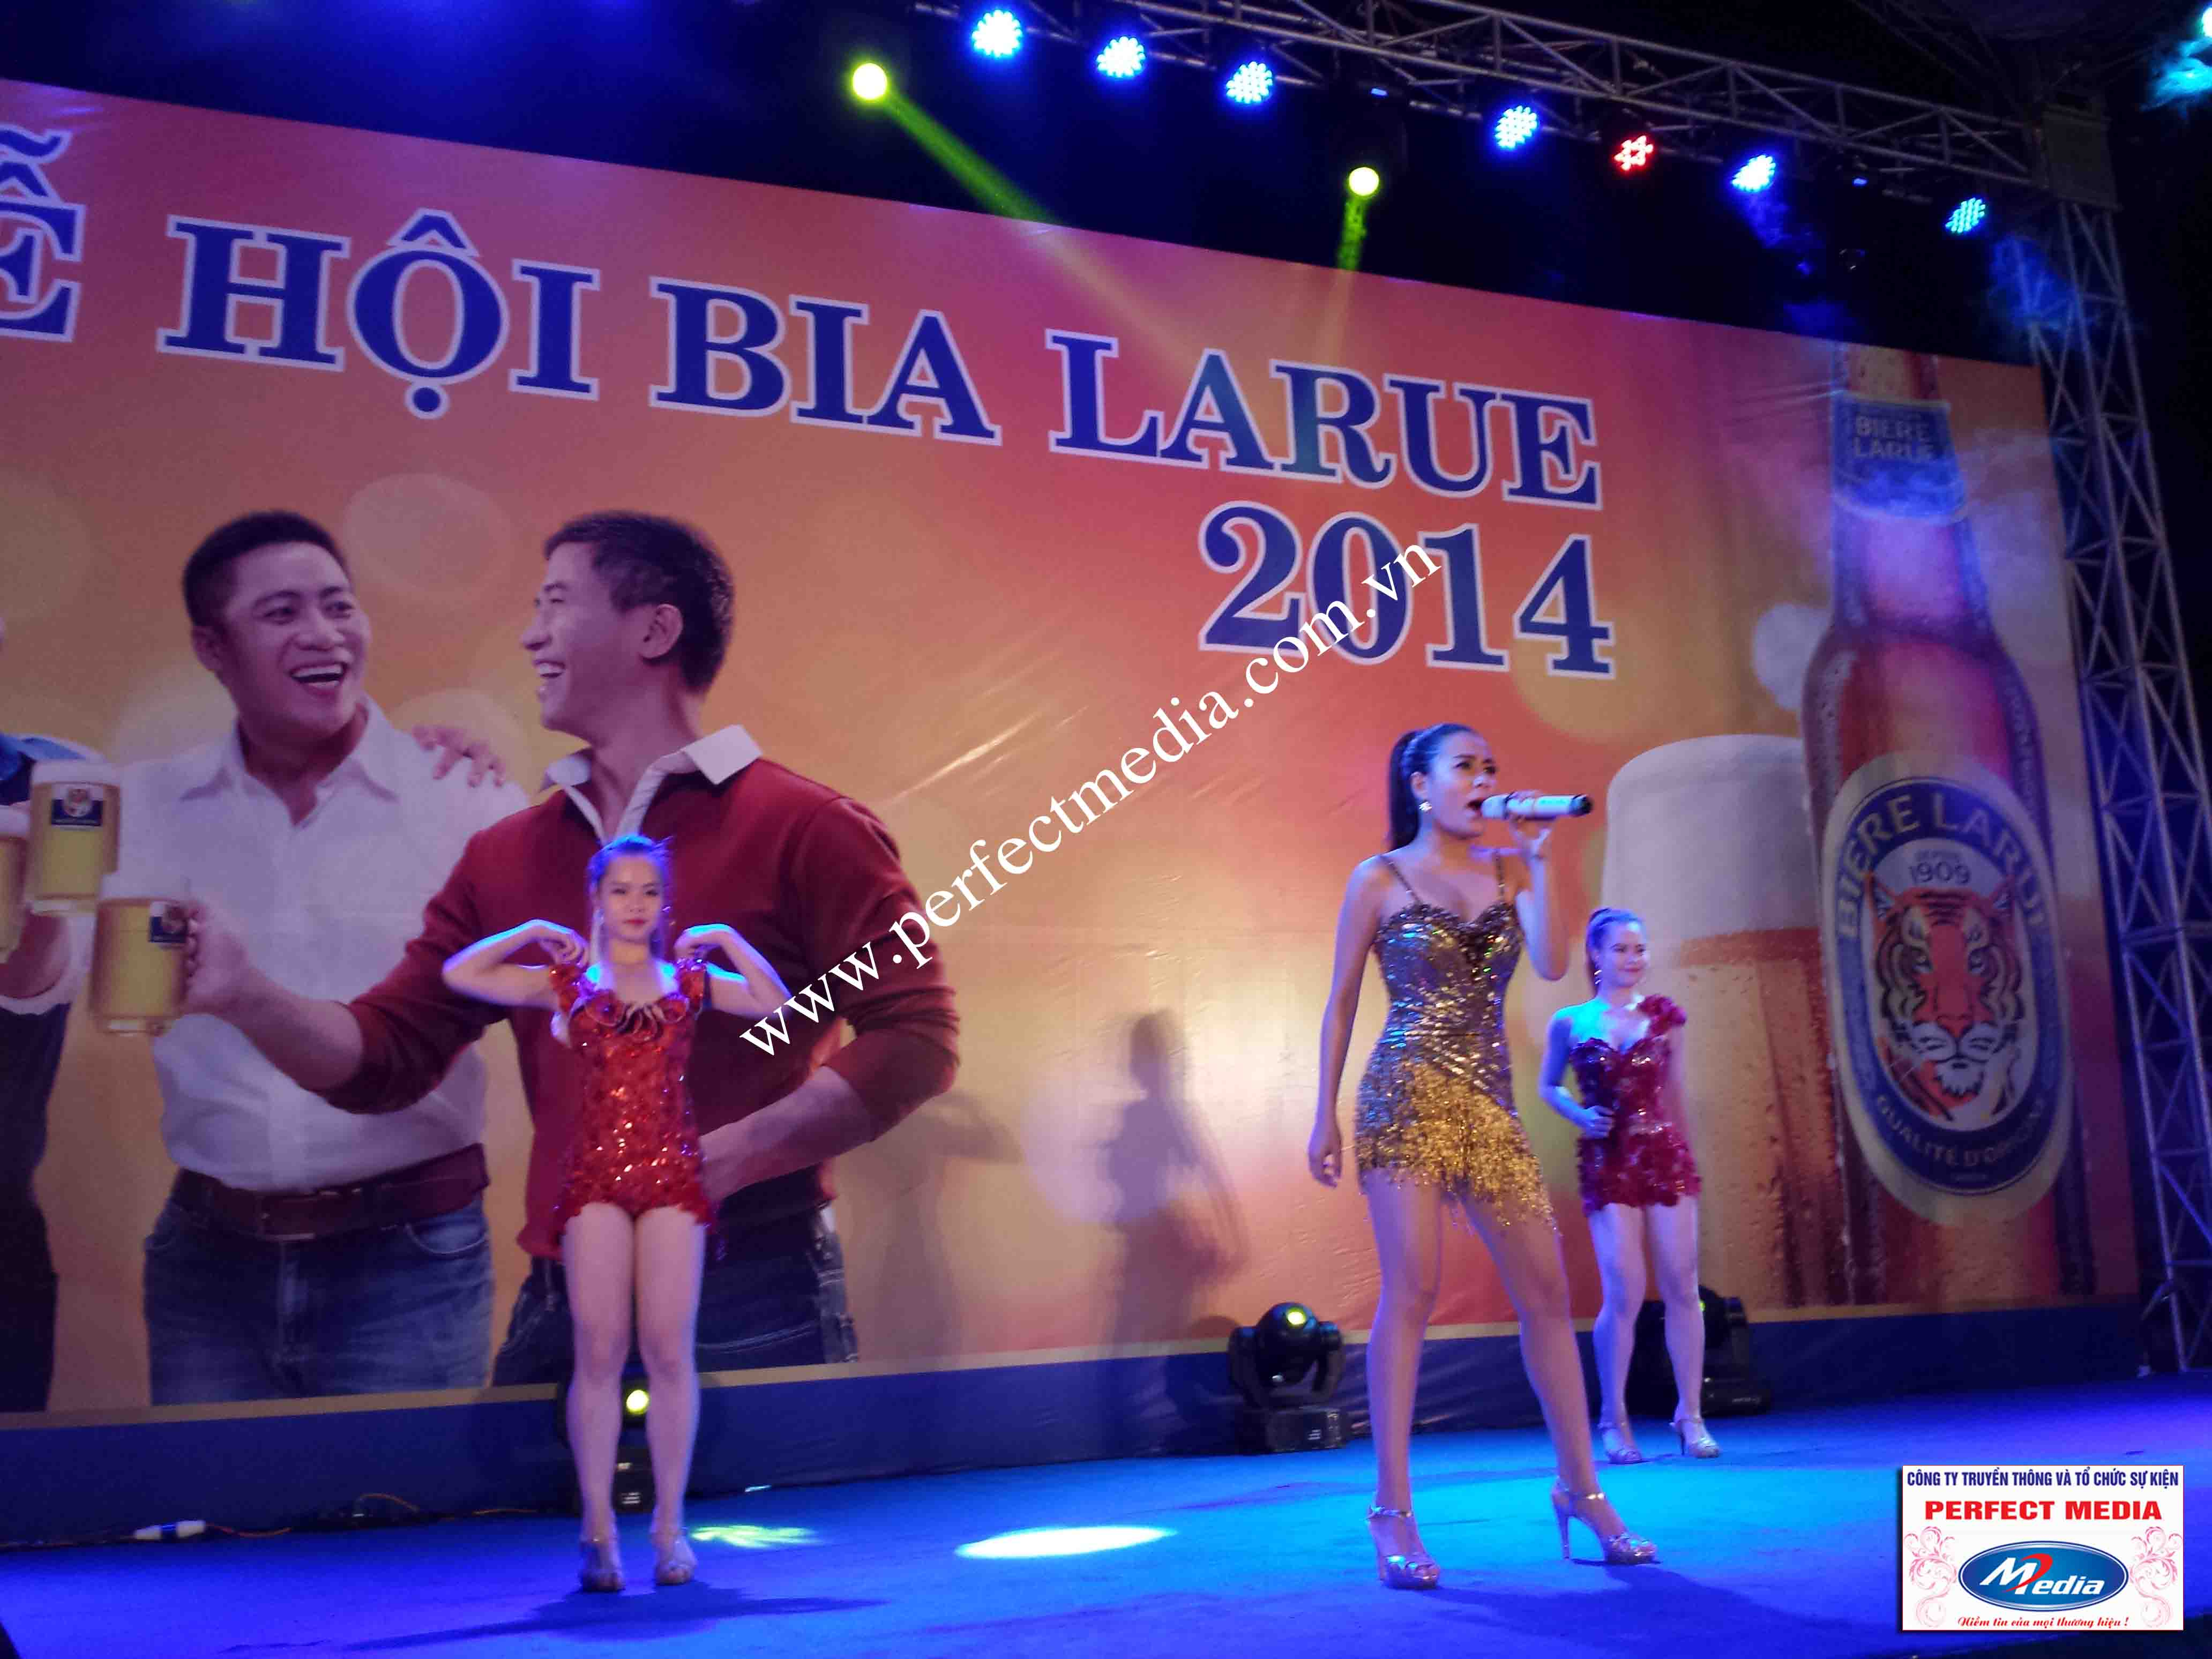 Hình ảnh sự kiện Tour Festival Bia Larue tại các thành phố Hạ Long - Hà Tĩnh và thành phố Vinh 16